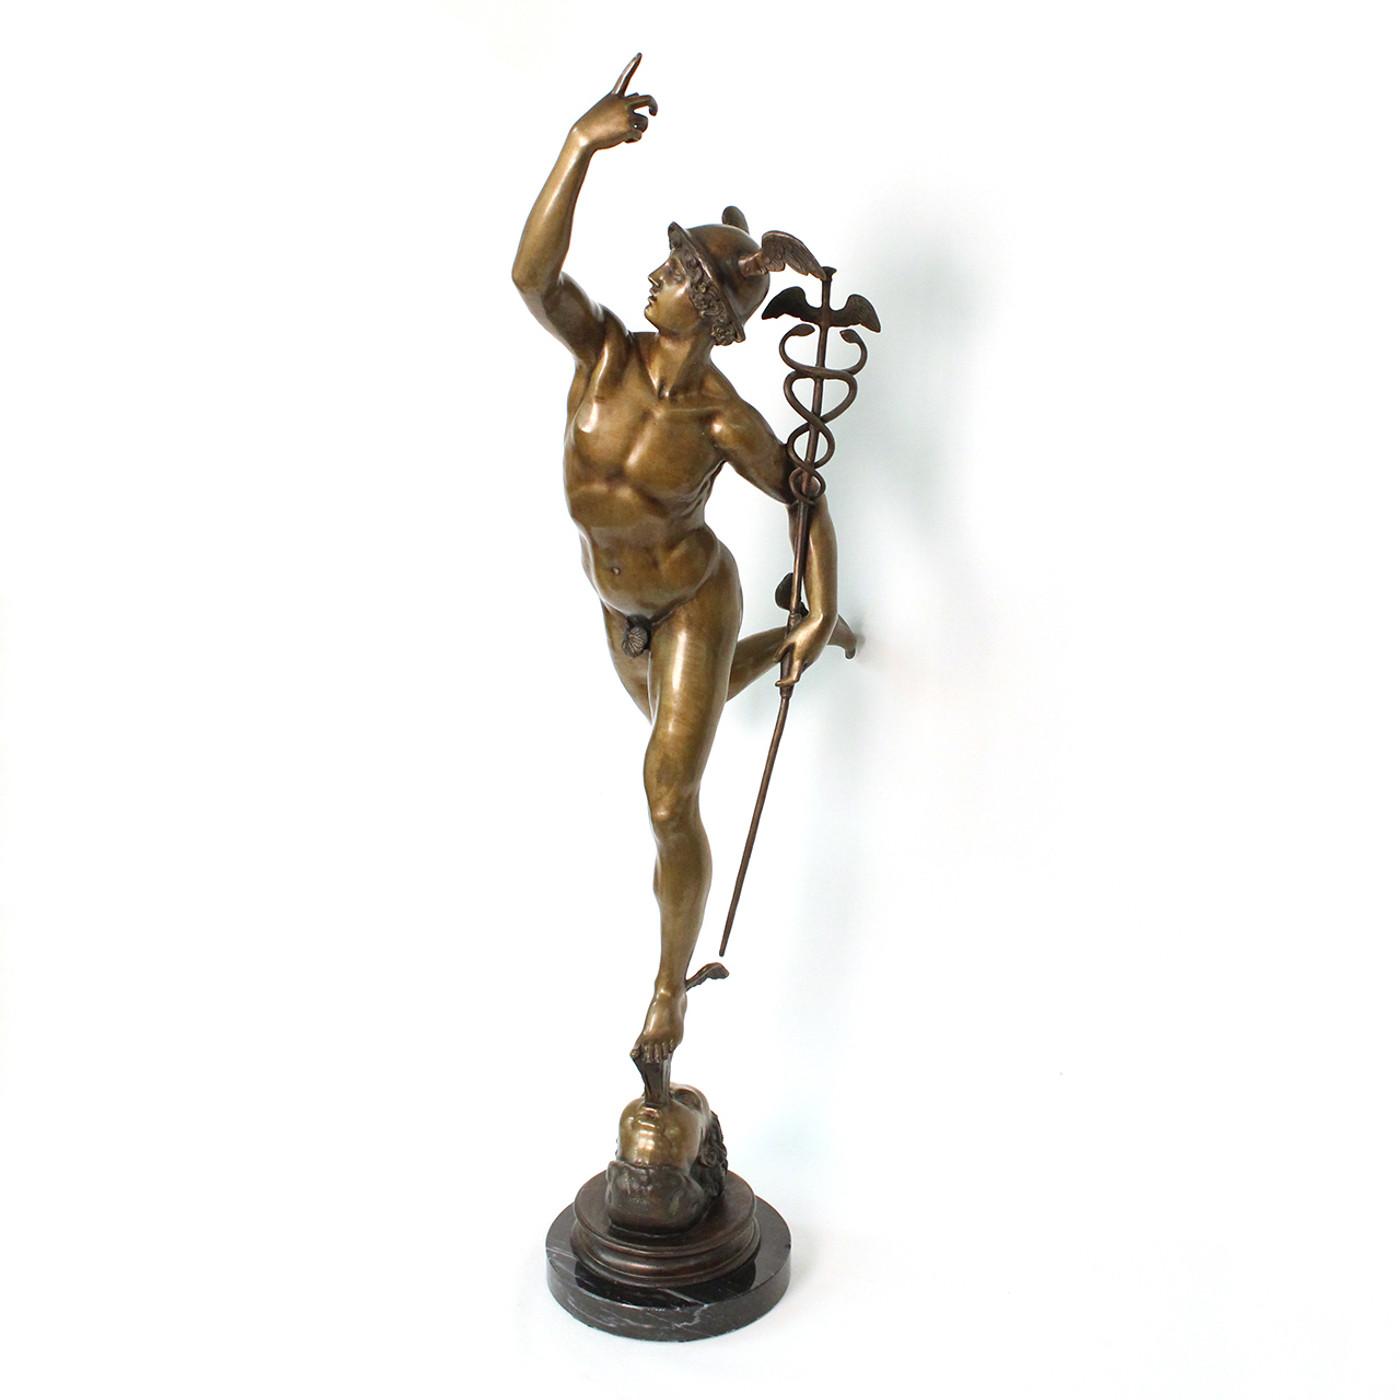 Bronze Sculpture of Mercury/Hermes, 19th c.